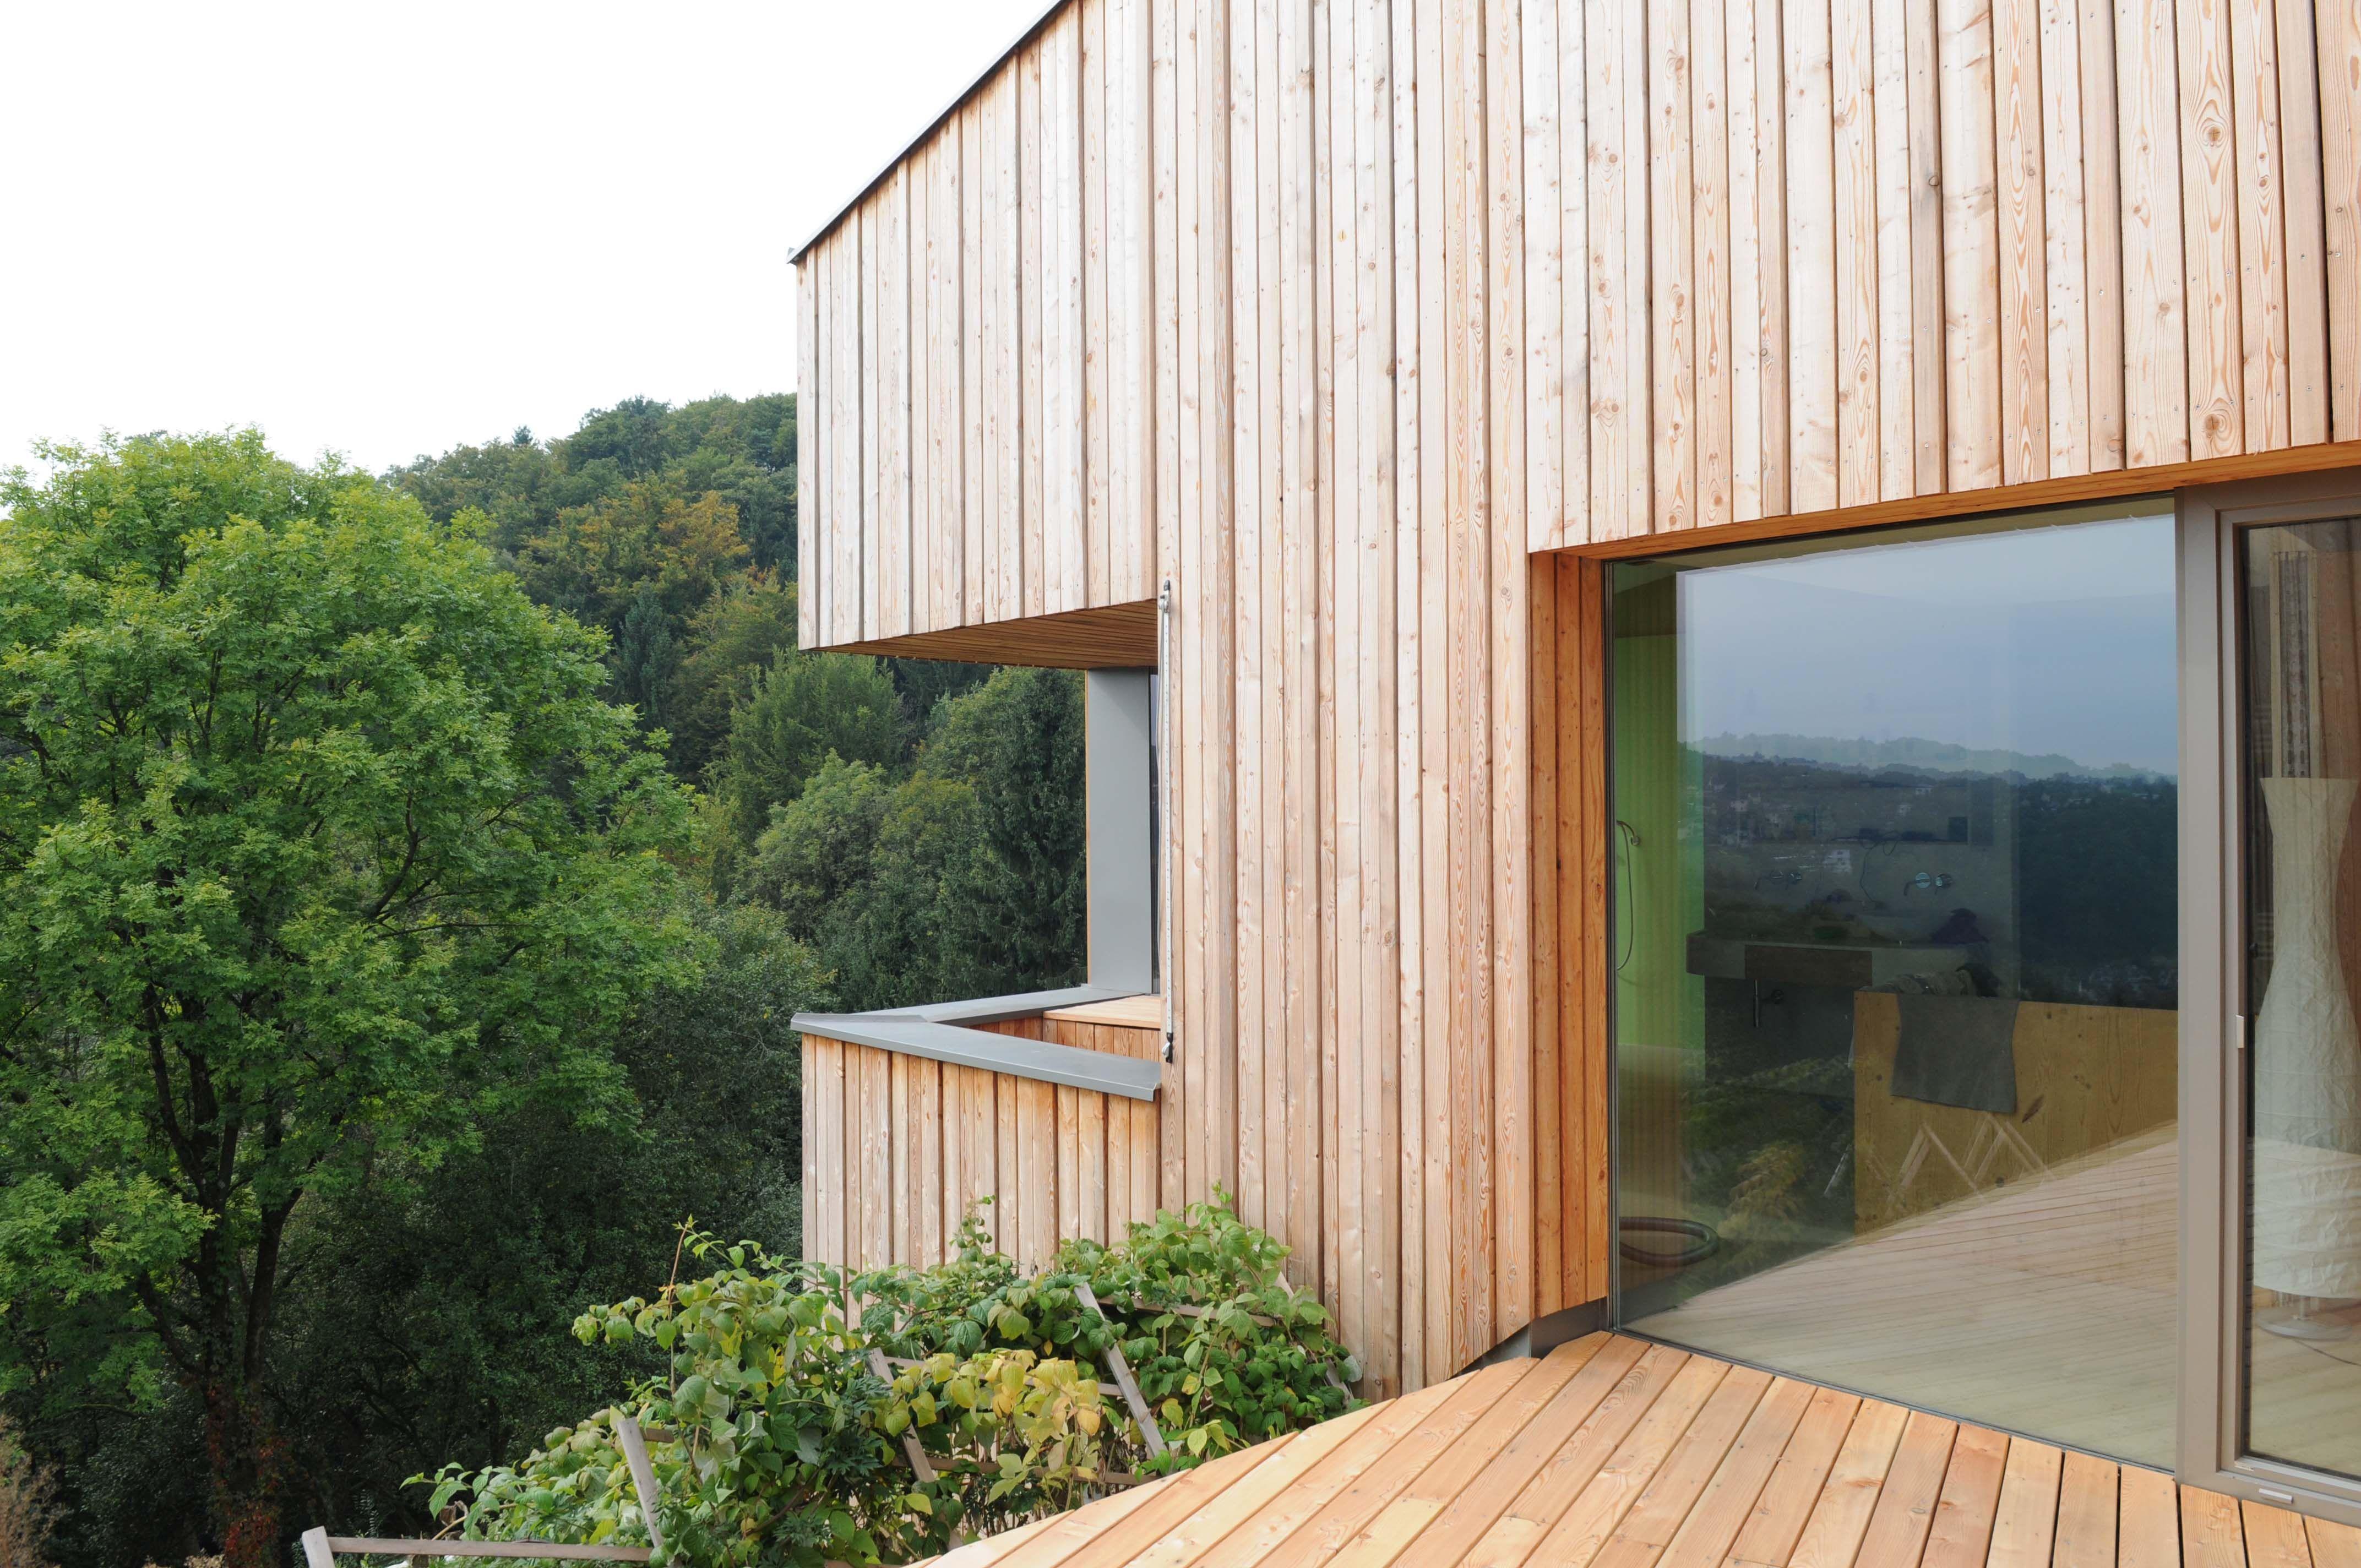 Holzfassade - Hüllen aus Holz - m-haus Blog | Fassade | Pinterest ...